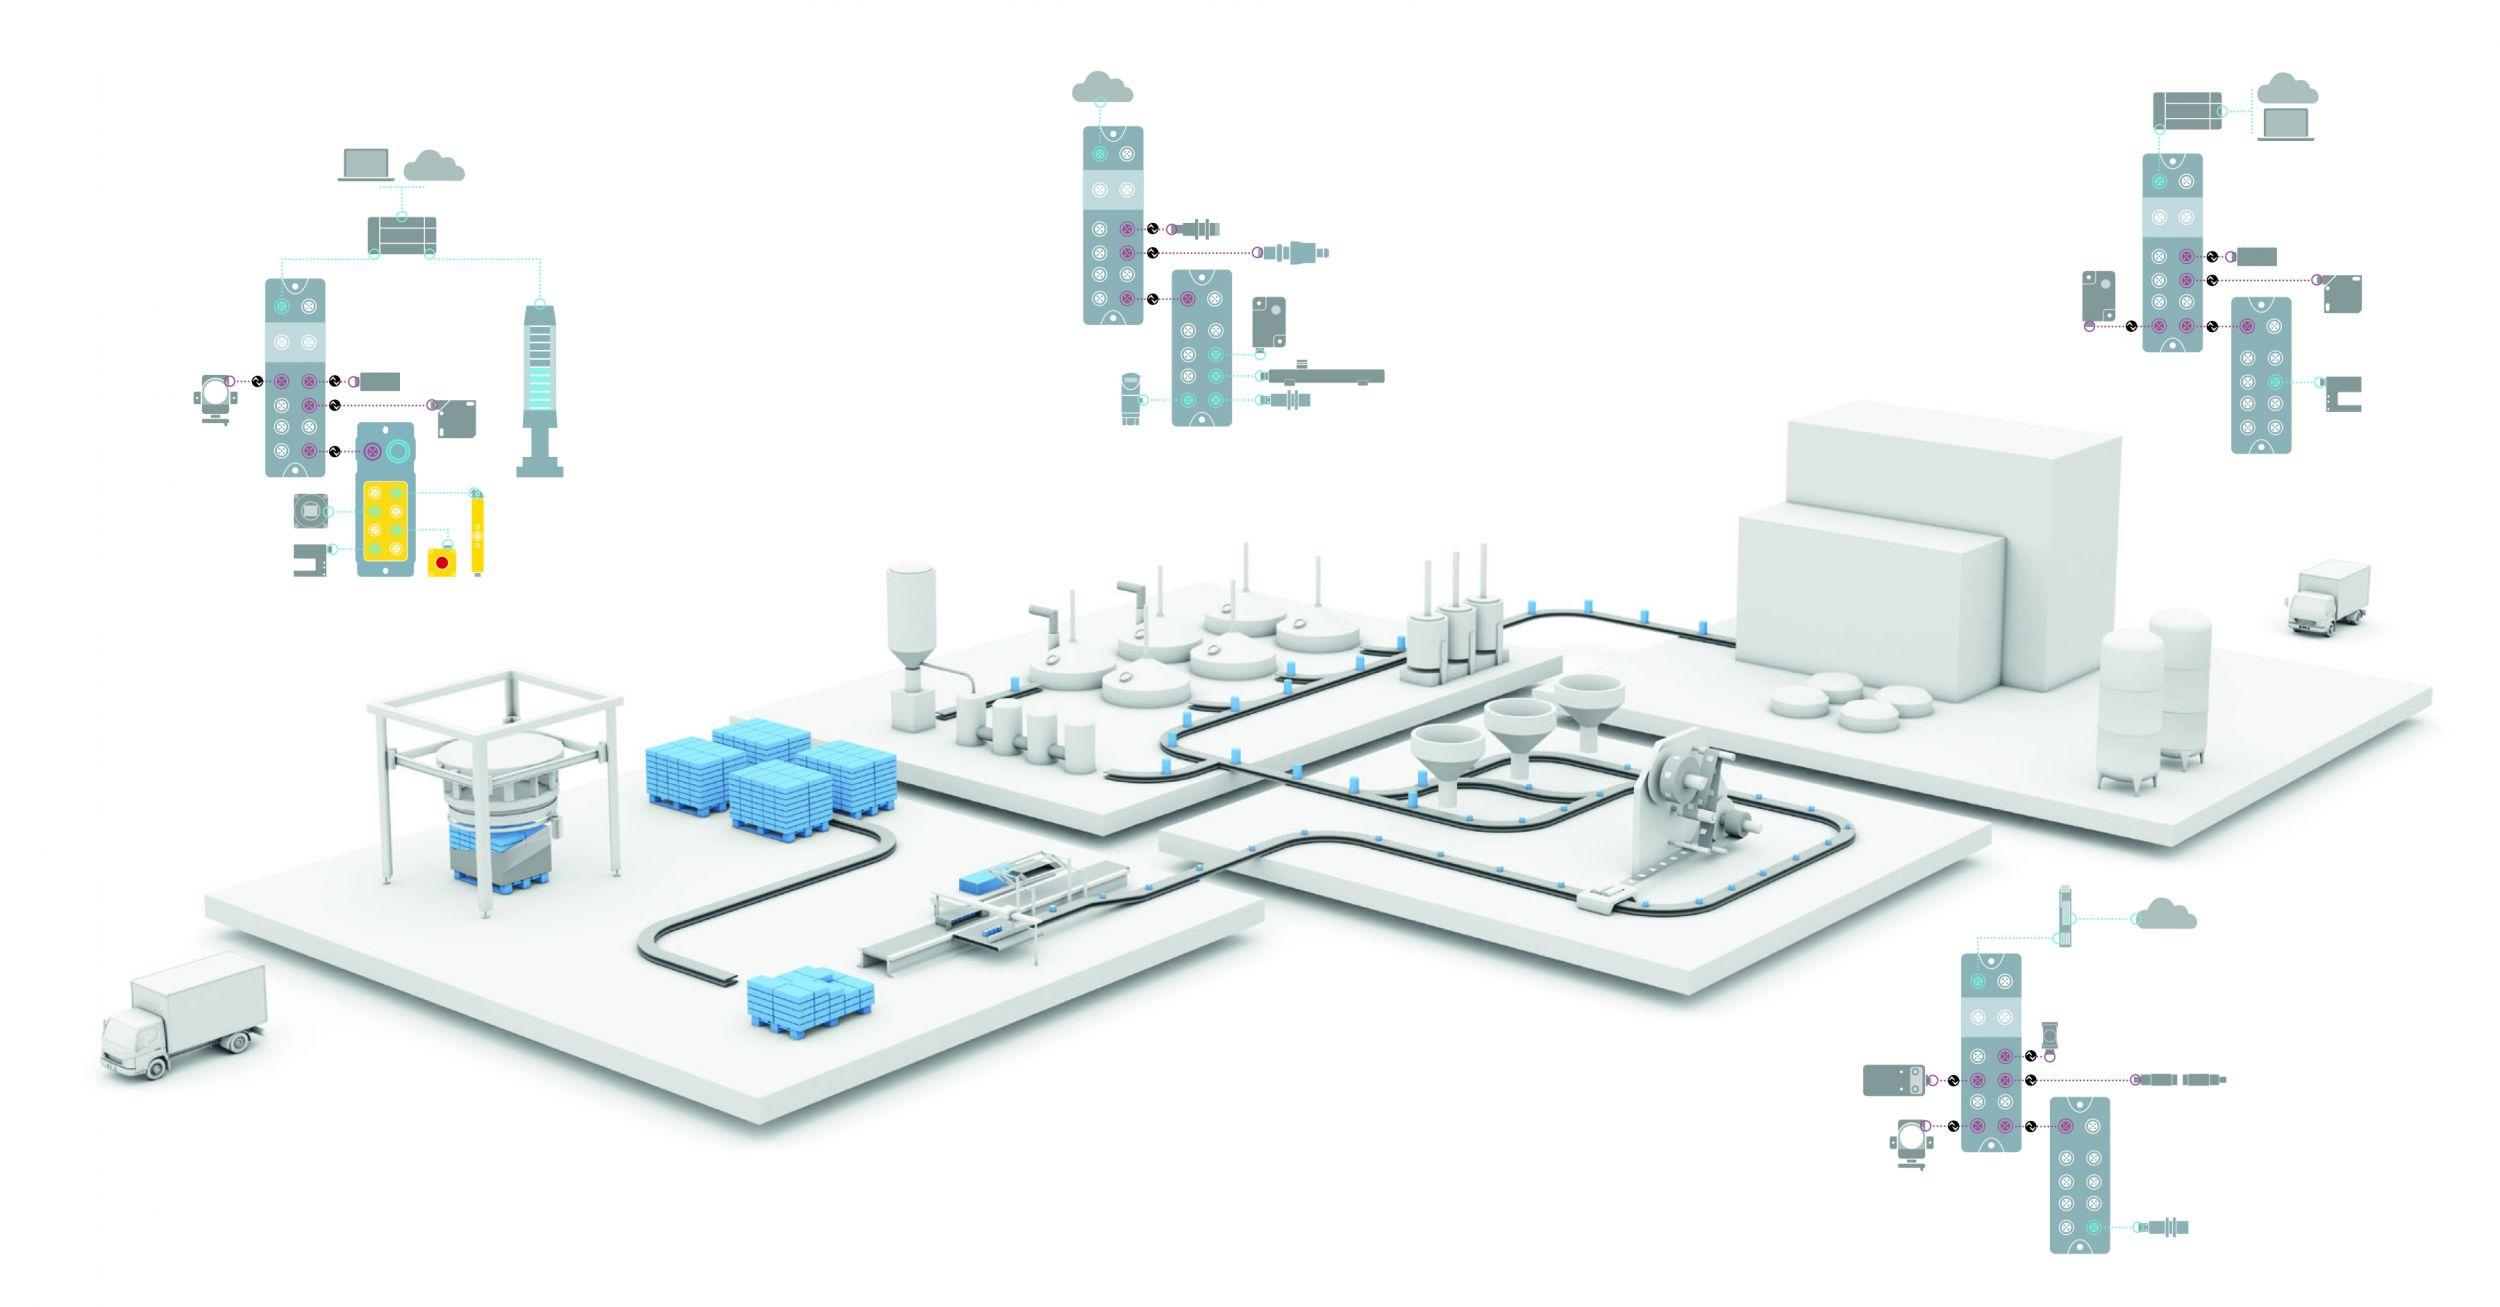 Automation und Softwareim System kombiniert